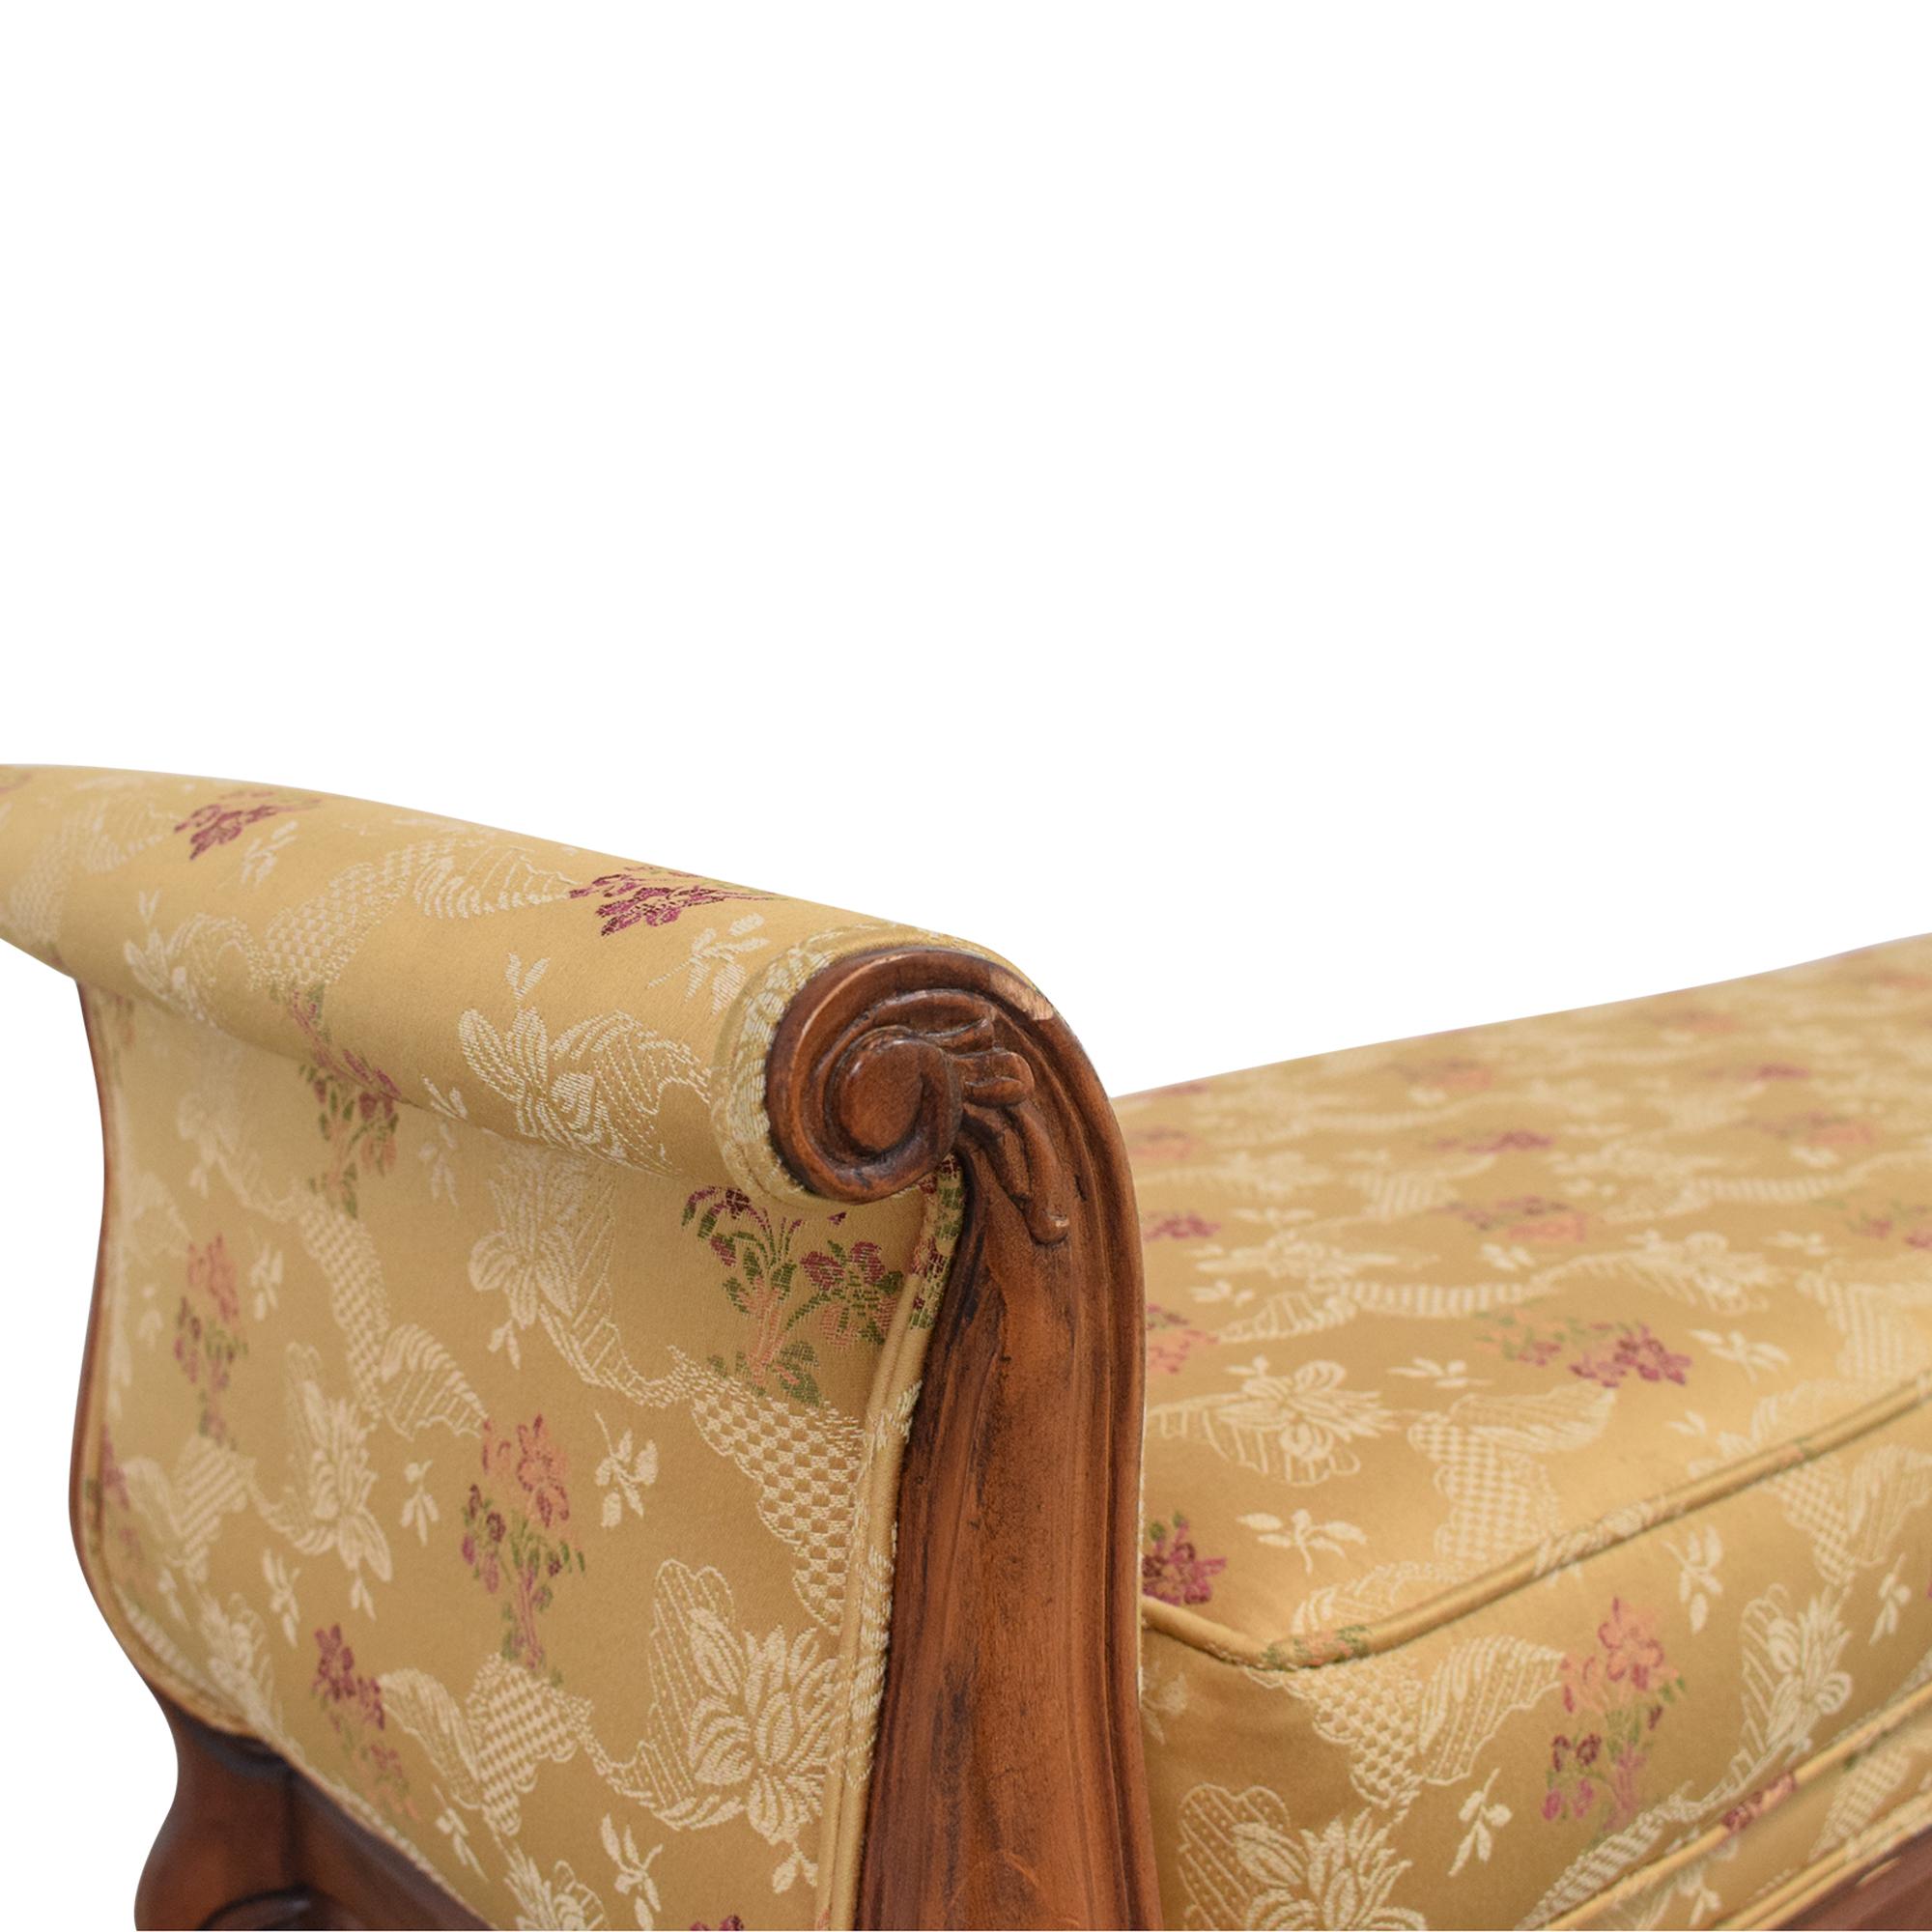 buy Ethan Allen Ethan Allen Belfiore Bench online